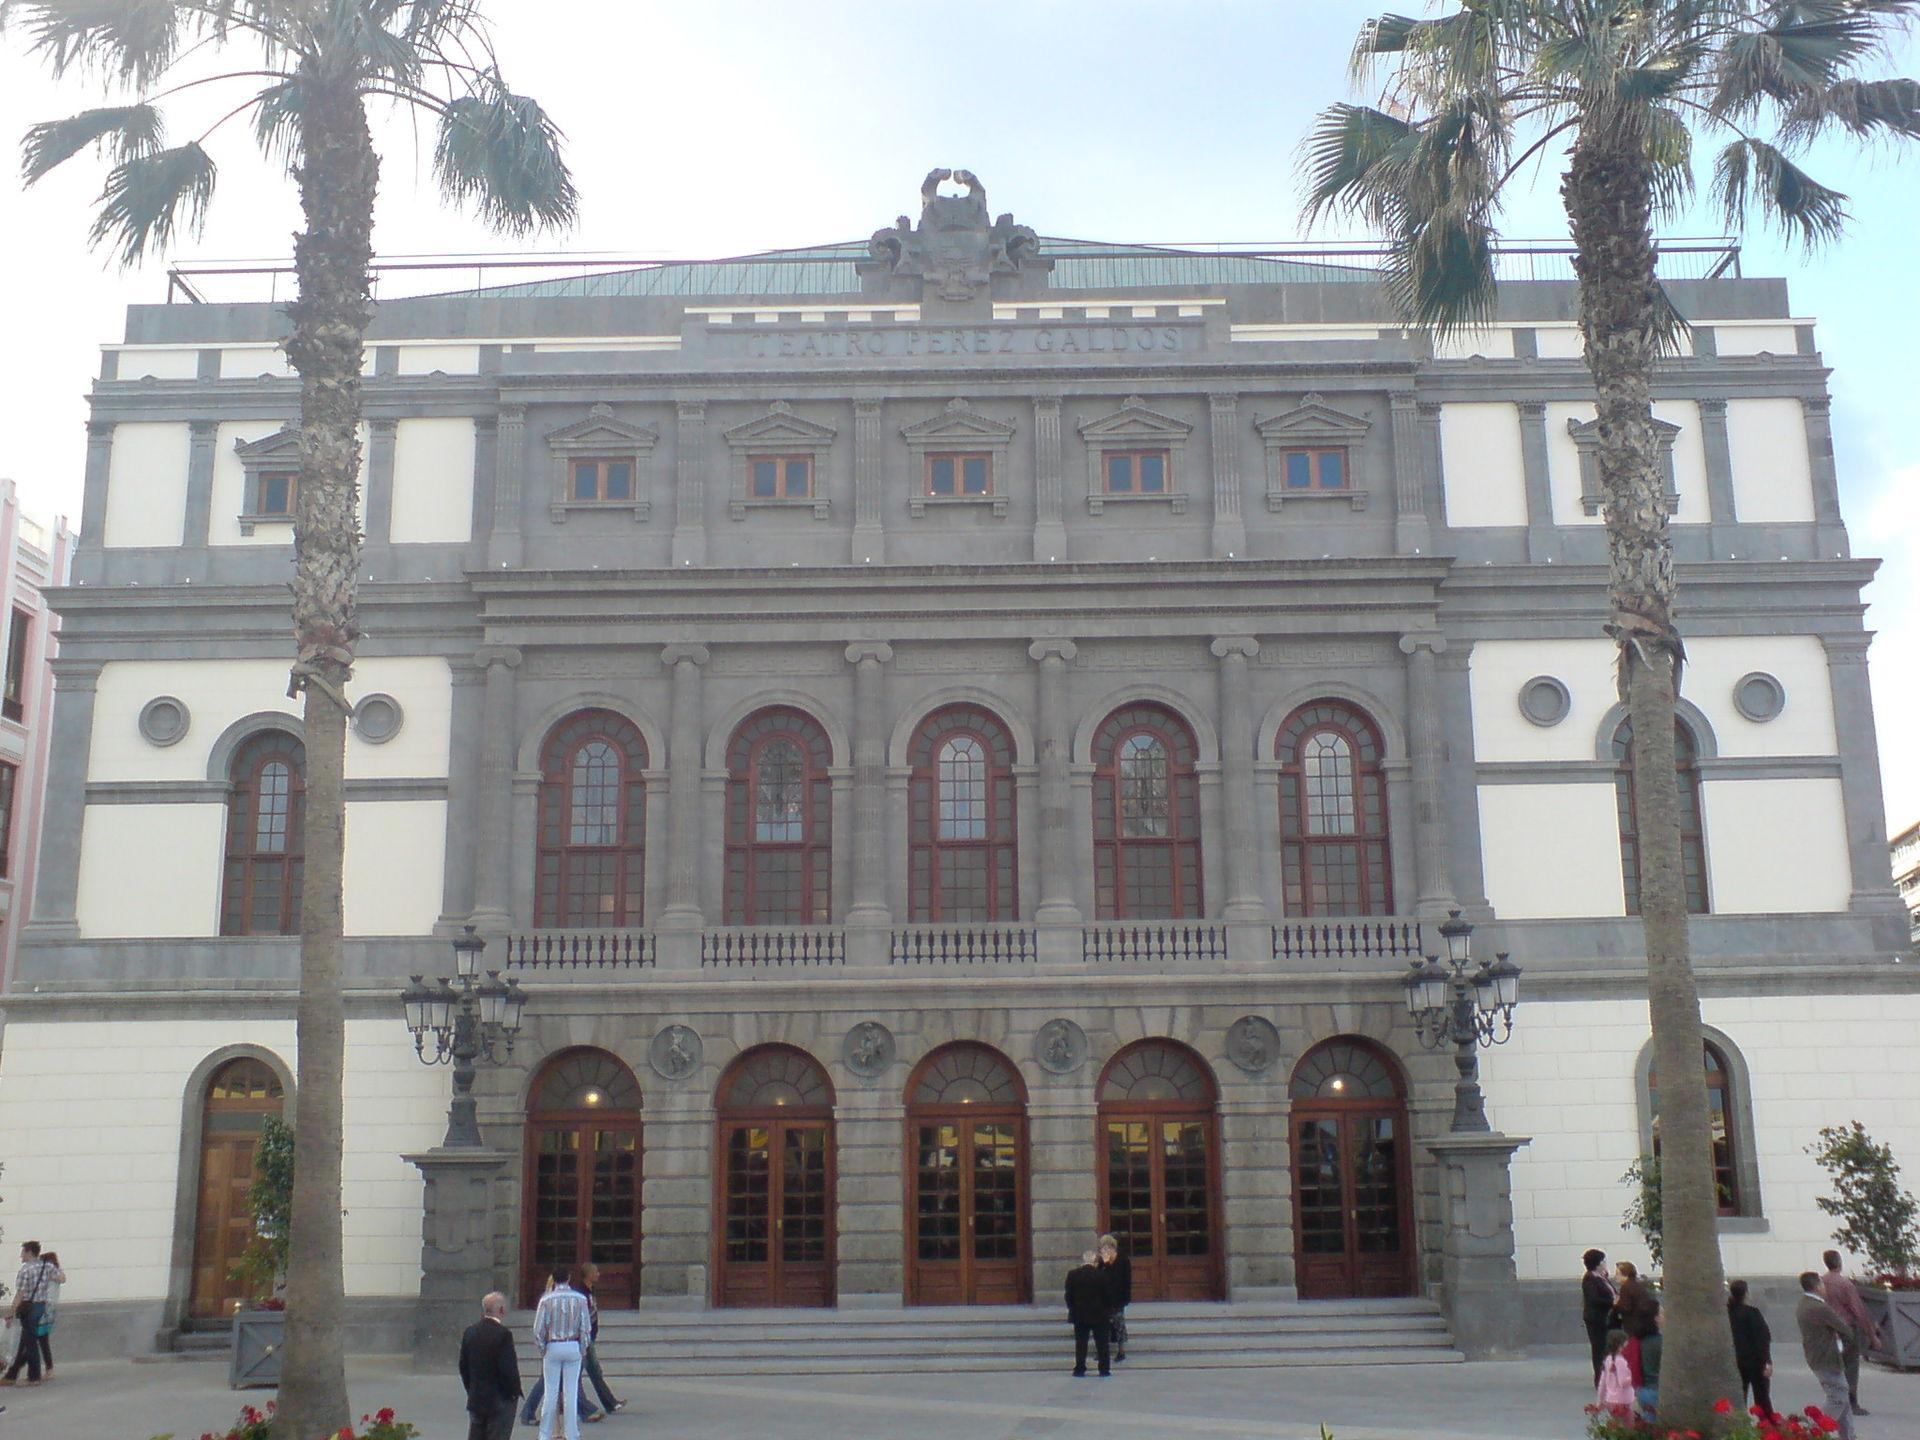 Las palmas de gran canaria wikipedia for Arquitectura las palmas